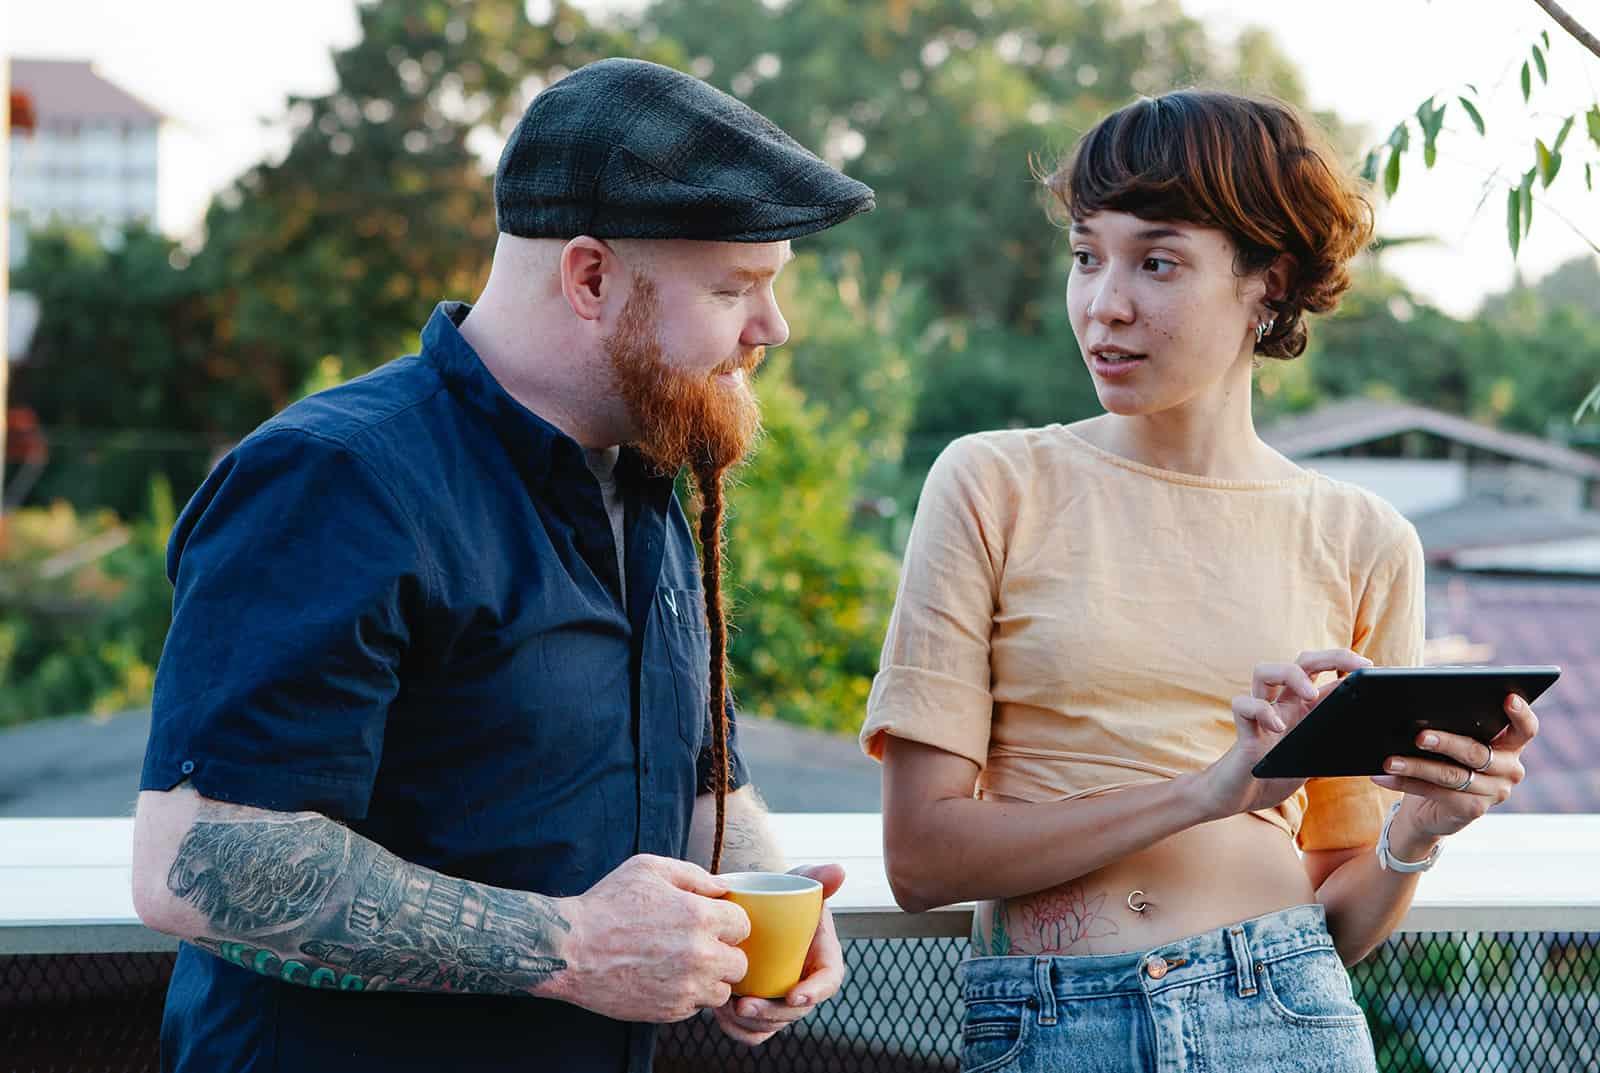 Ein Mann und eine Frau unterhalten sich und benutzen ein Tablet auf einer Terrasse